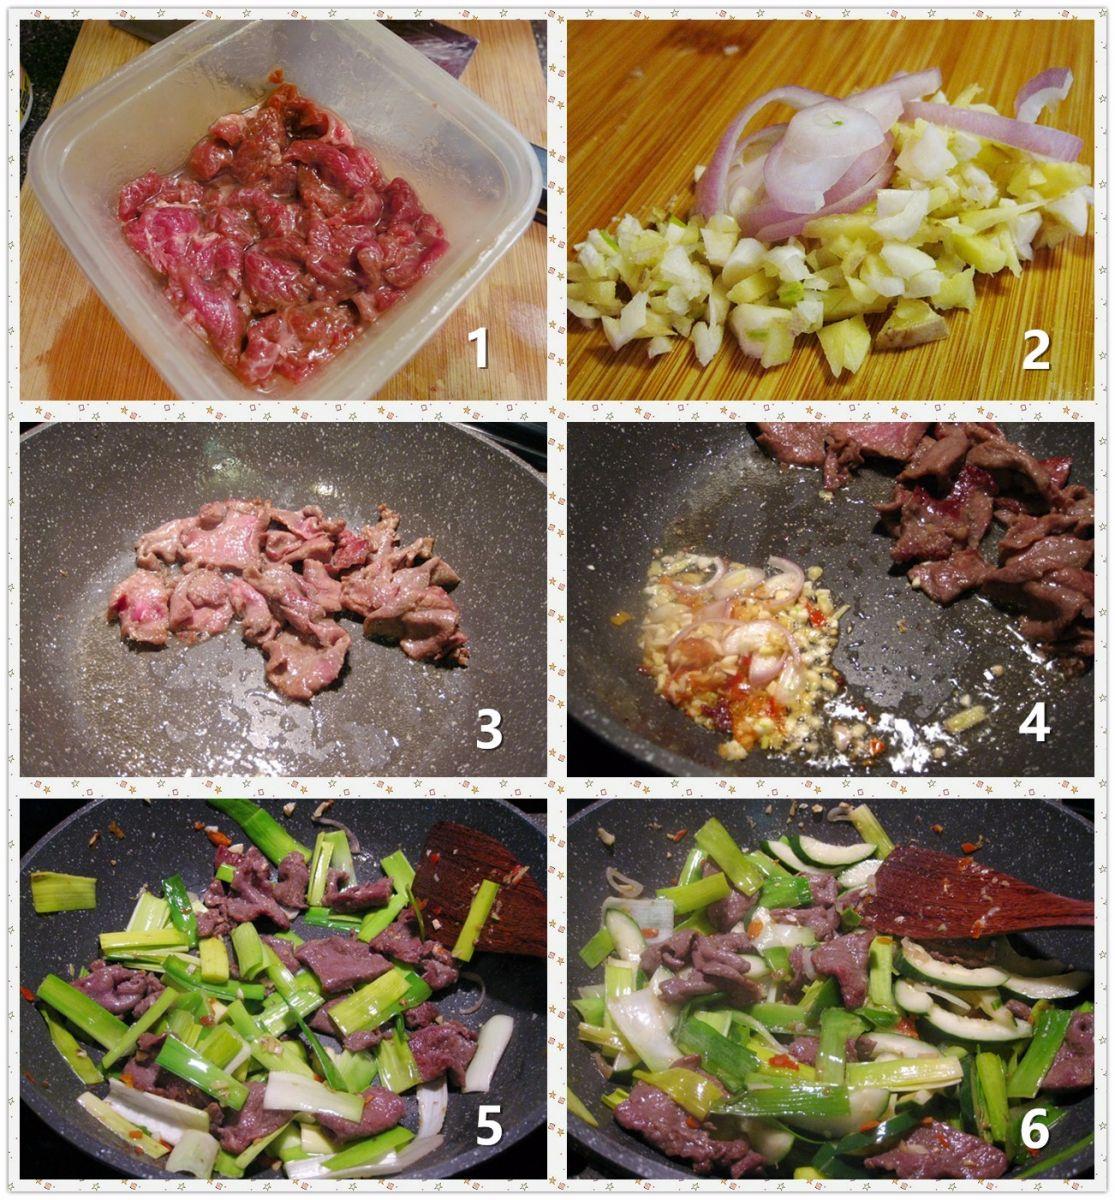 黄瓜蒜叶炒牛肉_图1-2